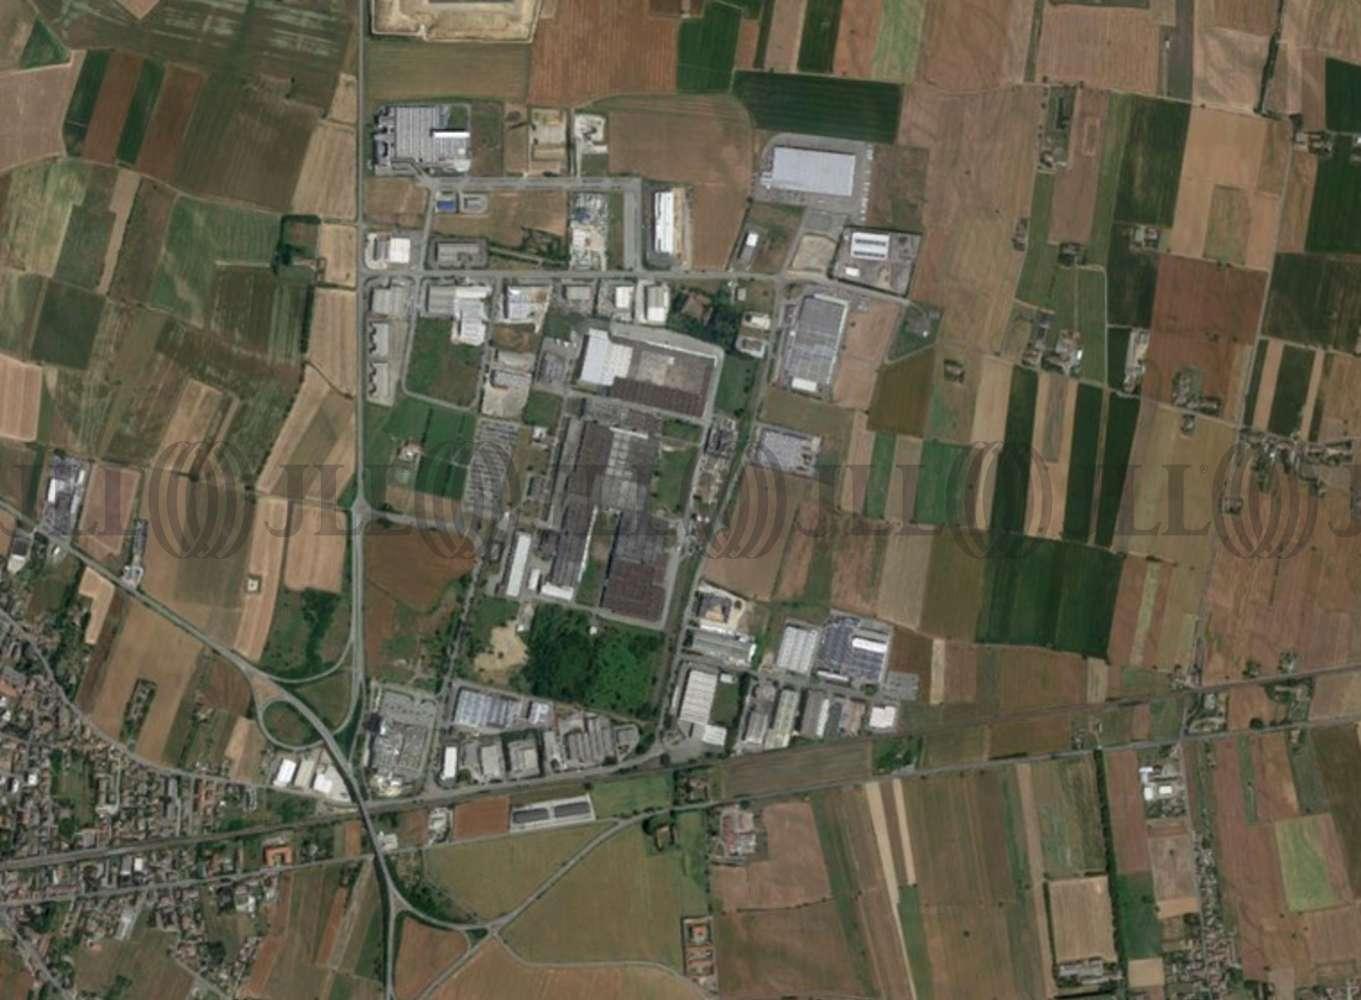 Magazzini industriali e logistici Spinetta marengo, 15122 - Spinetta Marengo